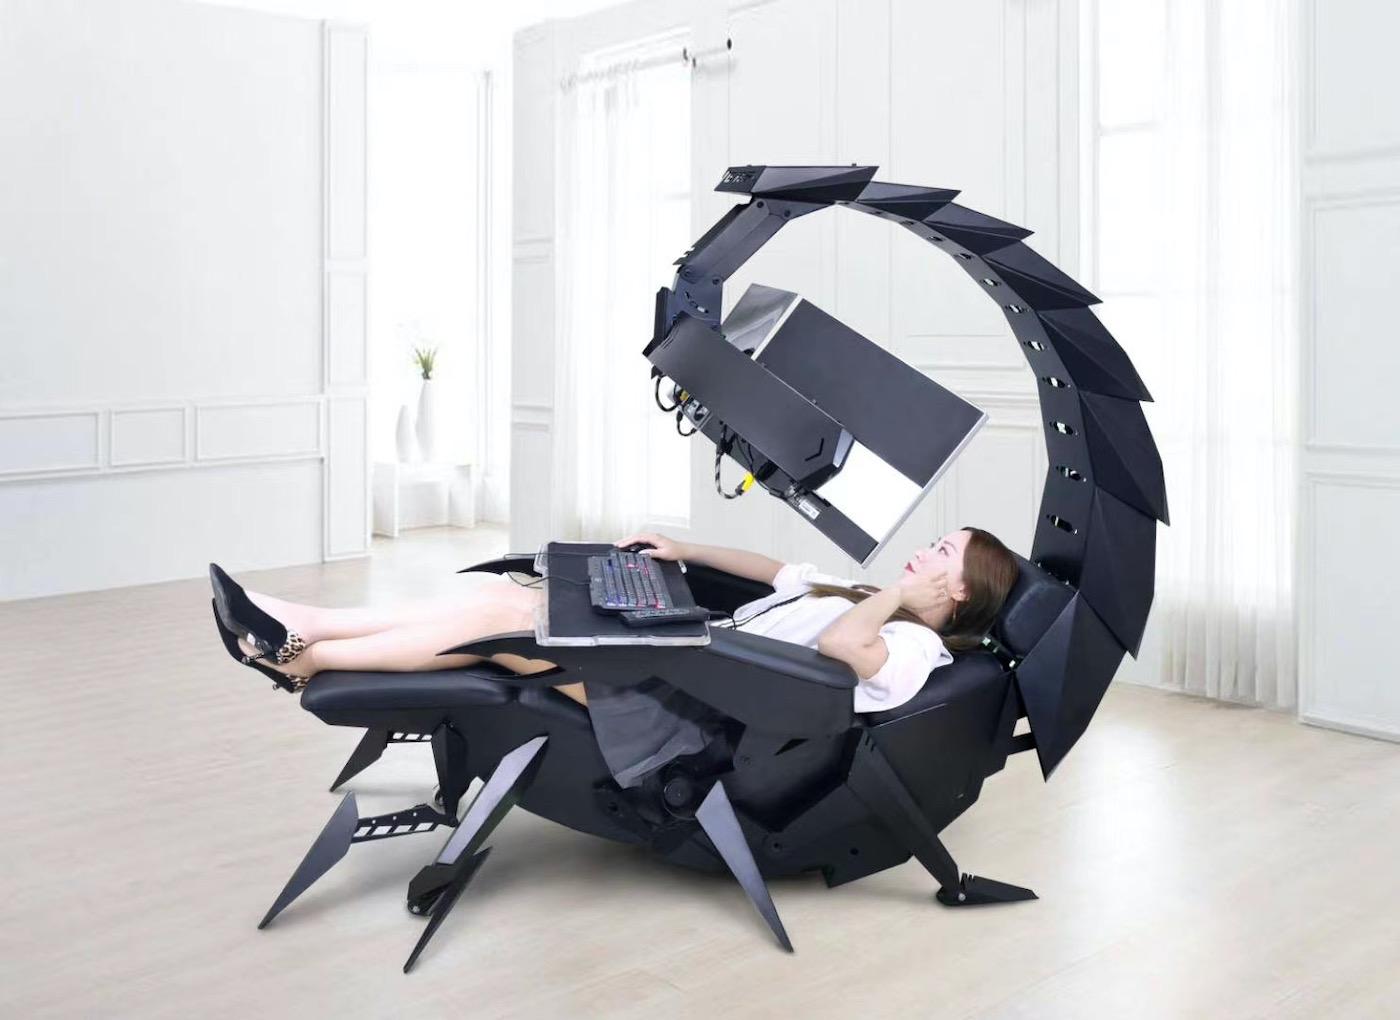 Ce fauteuil scorpion offre une expérience de bureau ultime